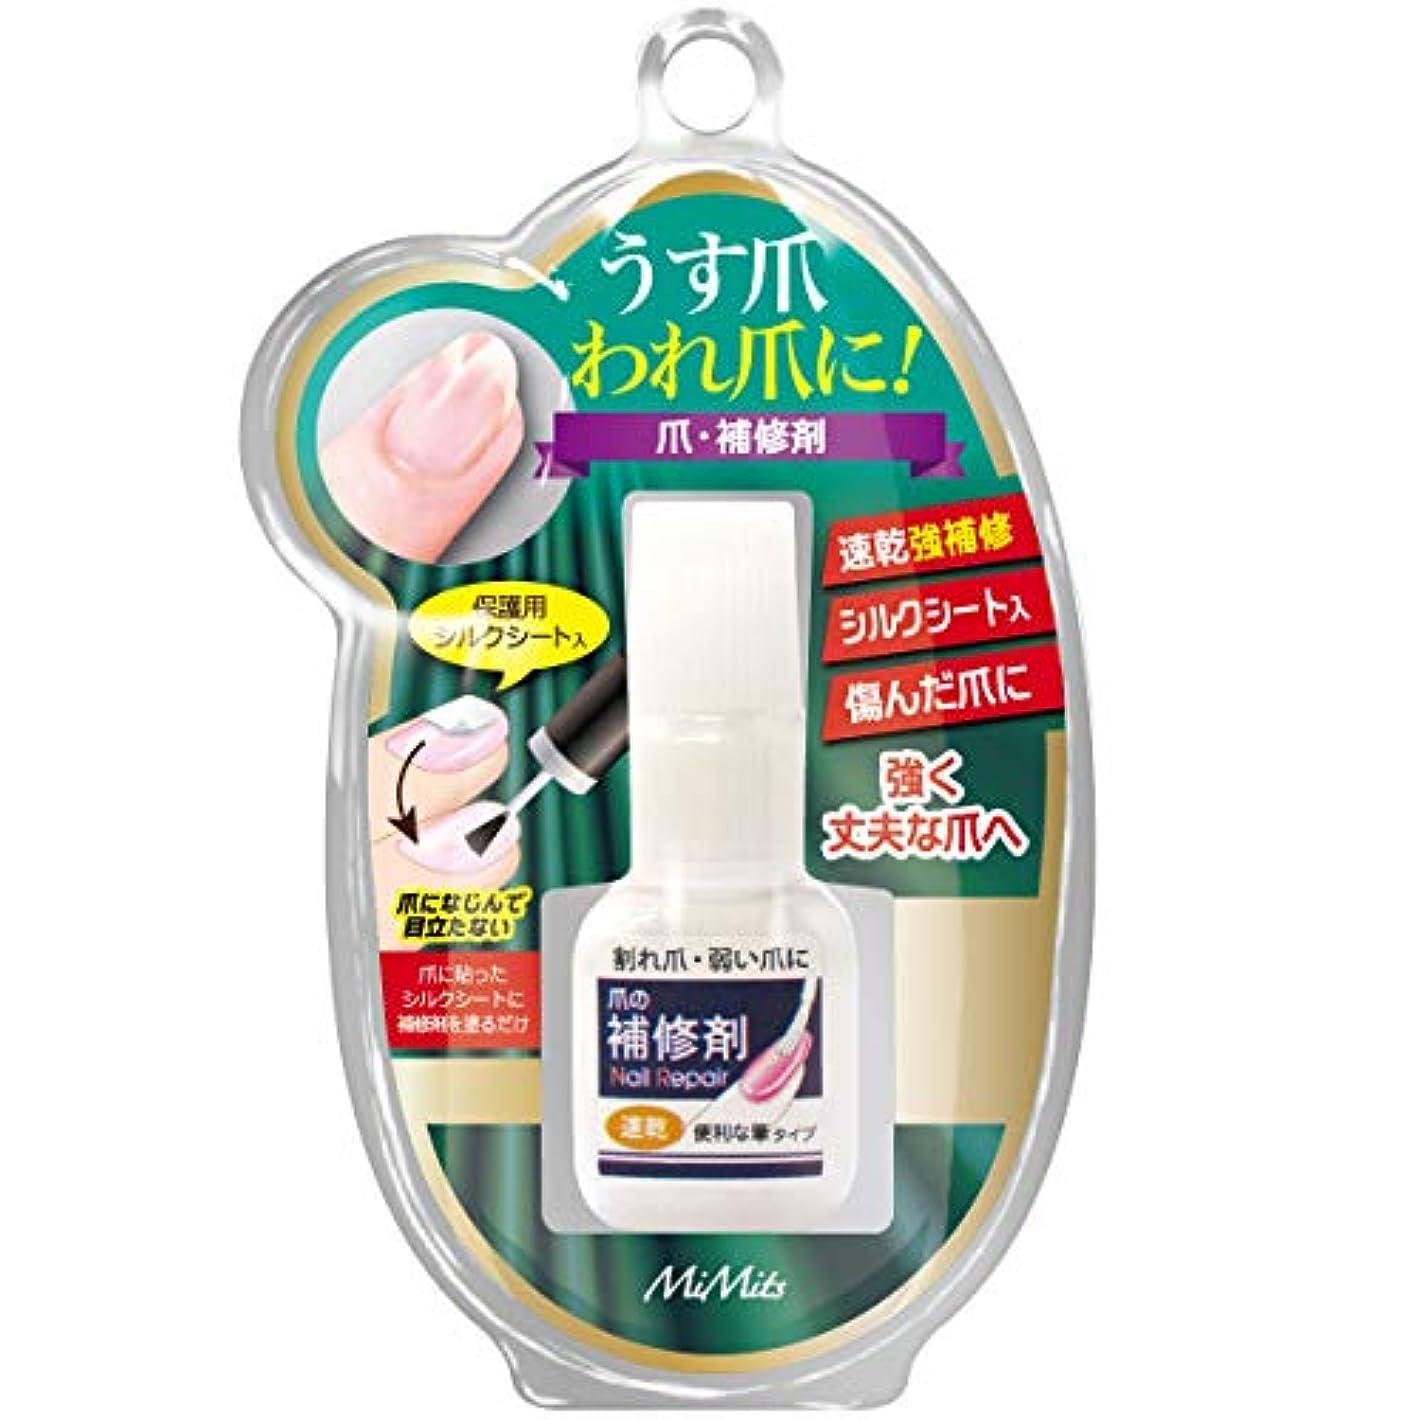 背の高い自慢角度BN(ビーエヌ) 爪の補修剤 THS-01 (1本)